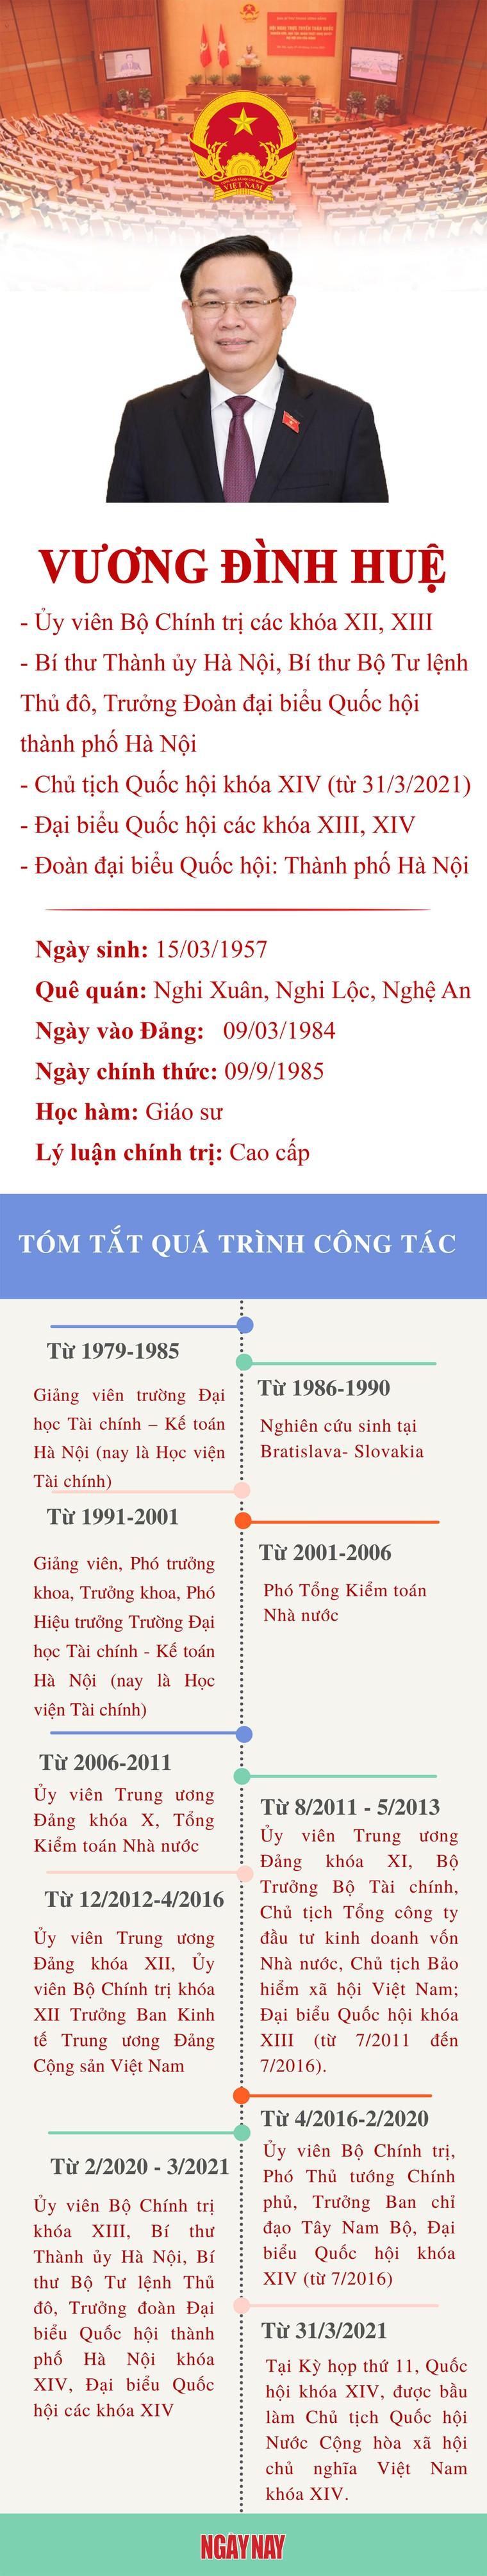 [Infographic] Tiểu sử Chủ tịch Quốc hội Vương Đình Huệ ảnh 1